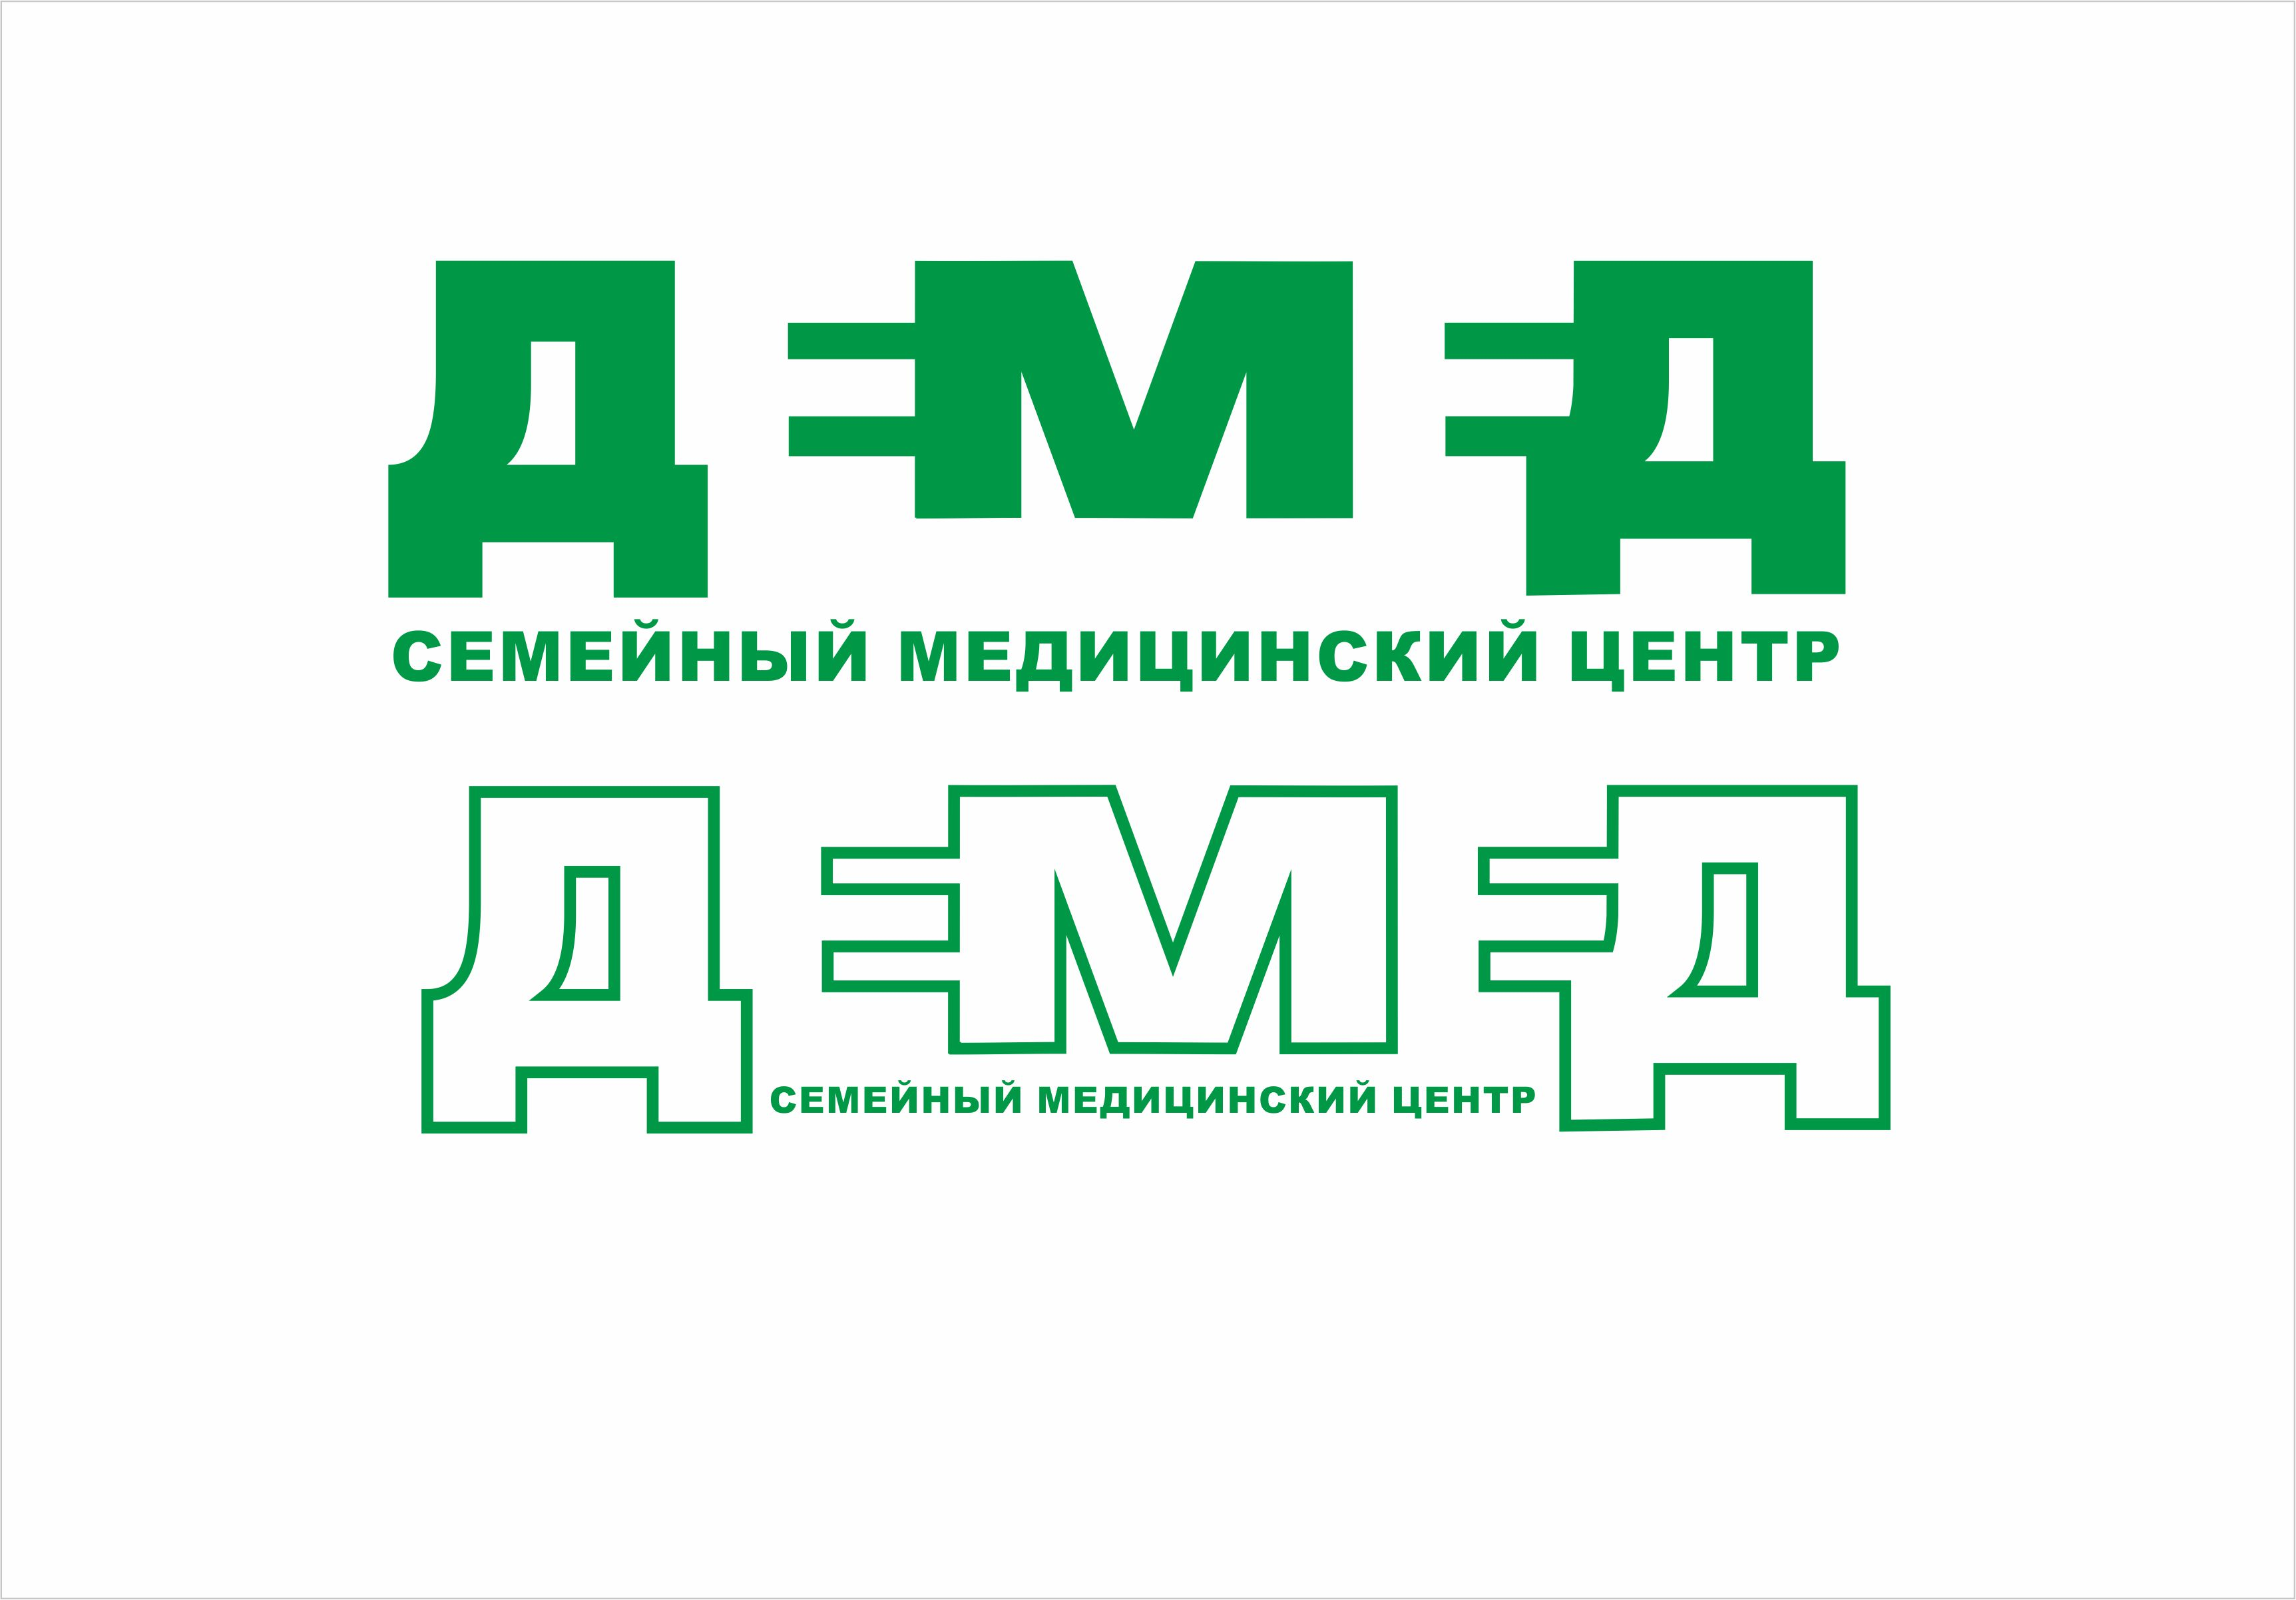 Логотип медицинского центра фото f_4715dce486b4d47e.jpg